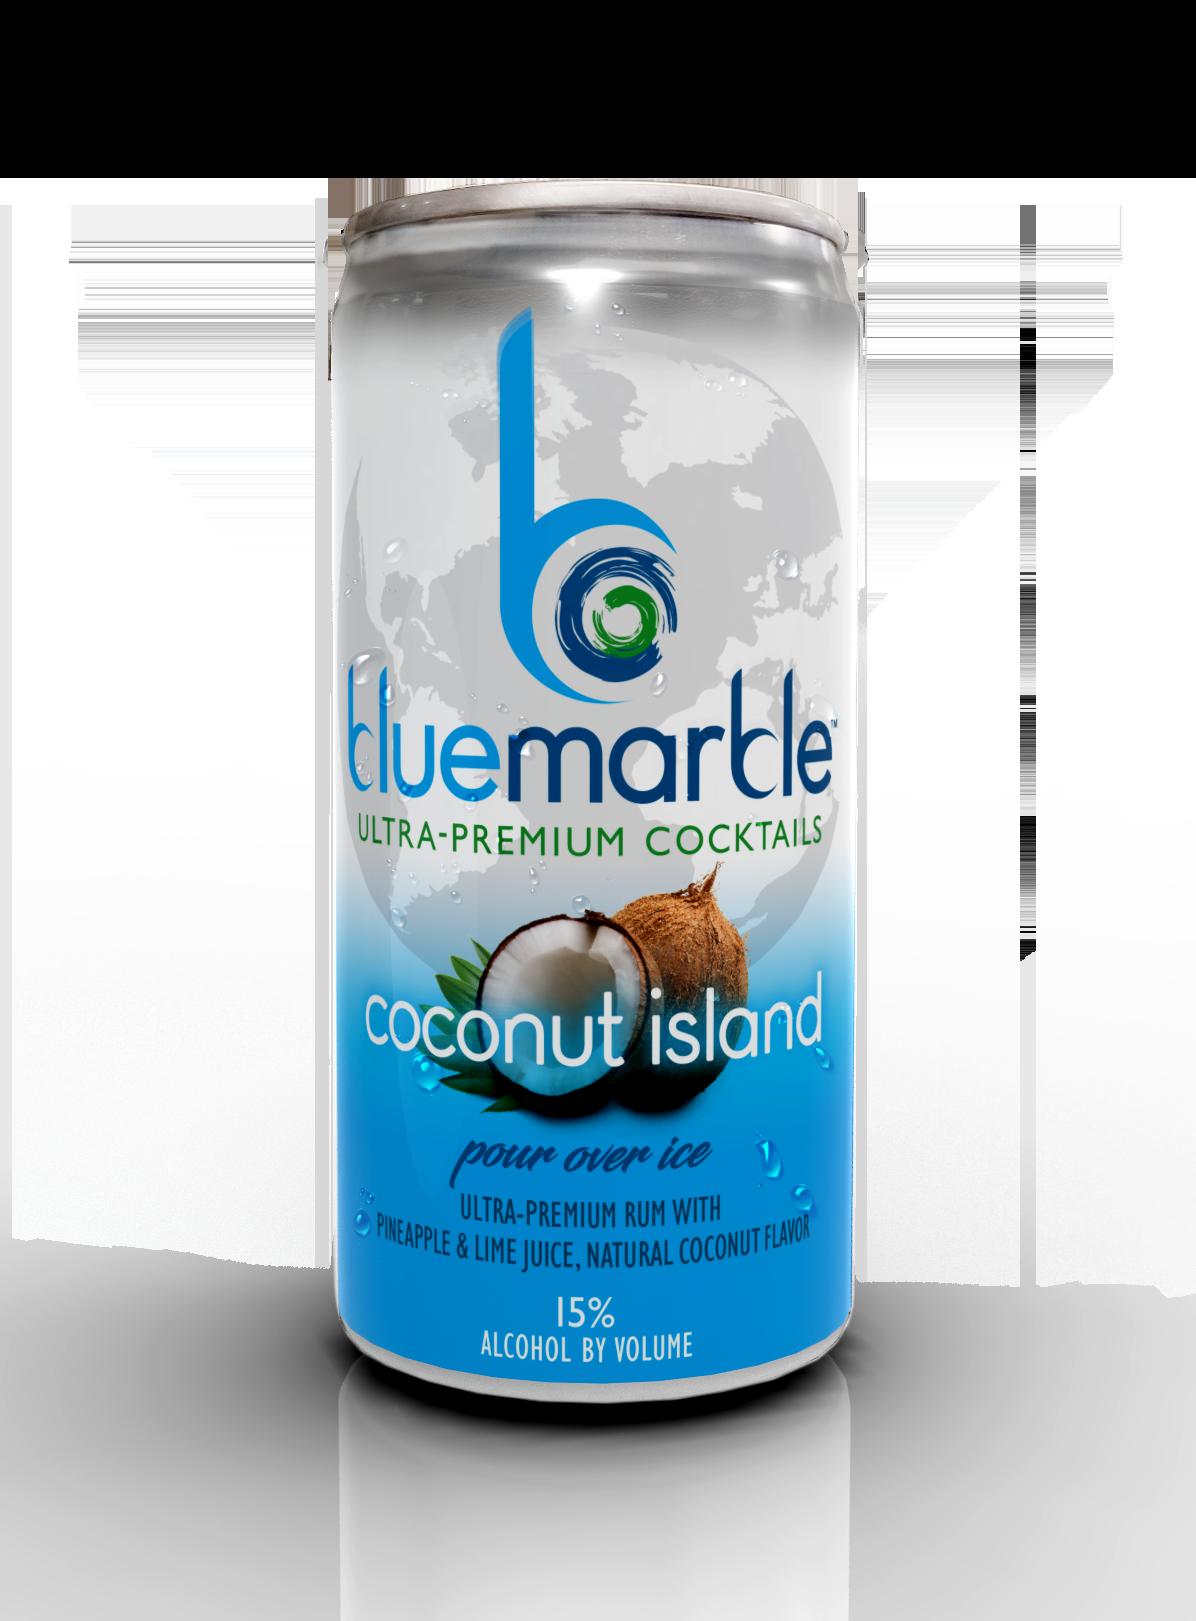 Coconut Island - Ultra Premium Cocktails